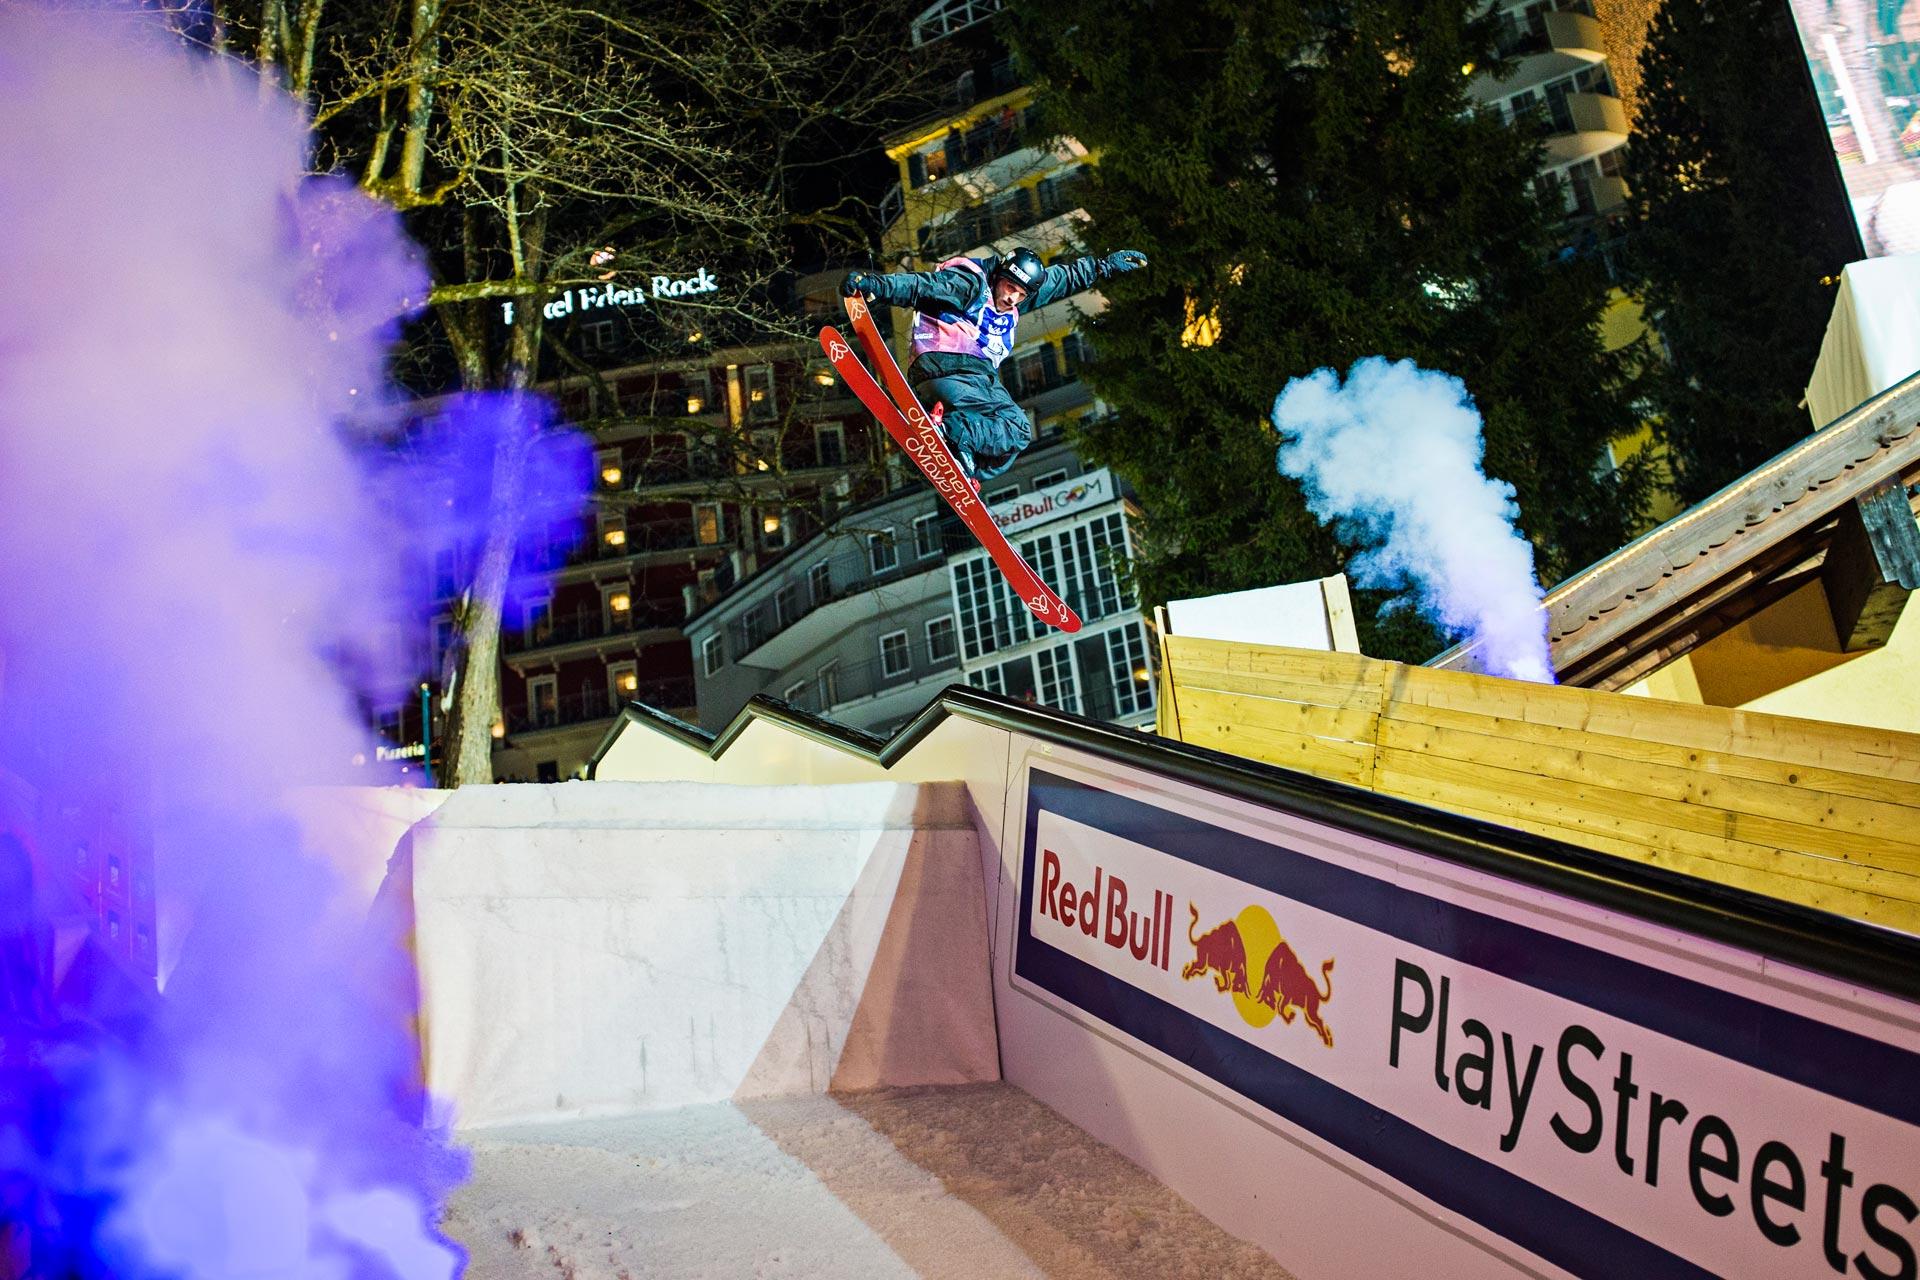 Der Schweizer Laurent De Martin ist sonst eher selten auf Contests anzutreffen, aber für die Red Bull Playstreets kam auch er in das österreichische Städtchen. - Foto: Red Bull Content Pool